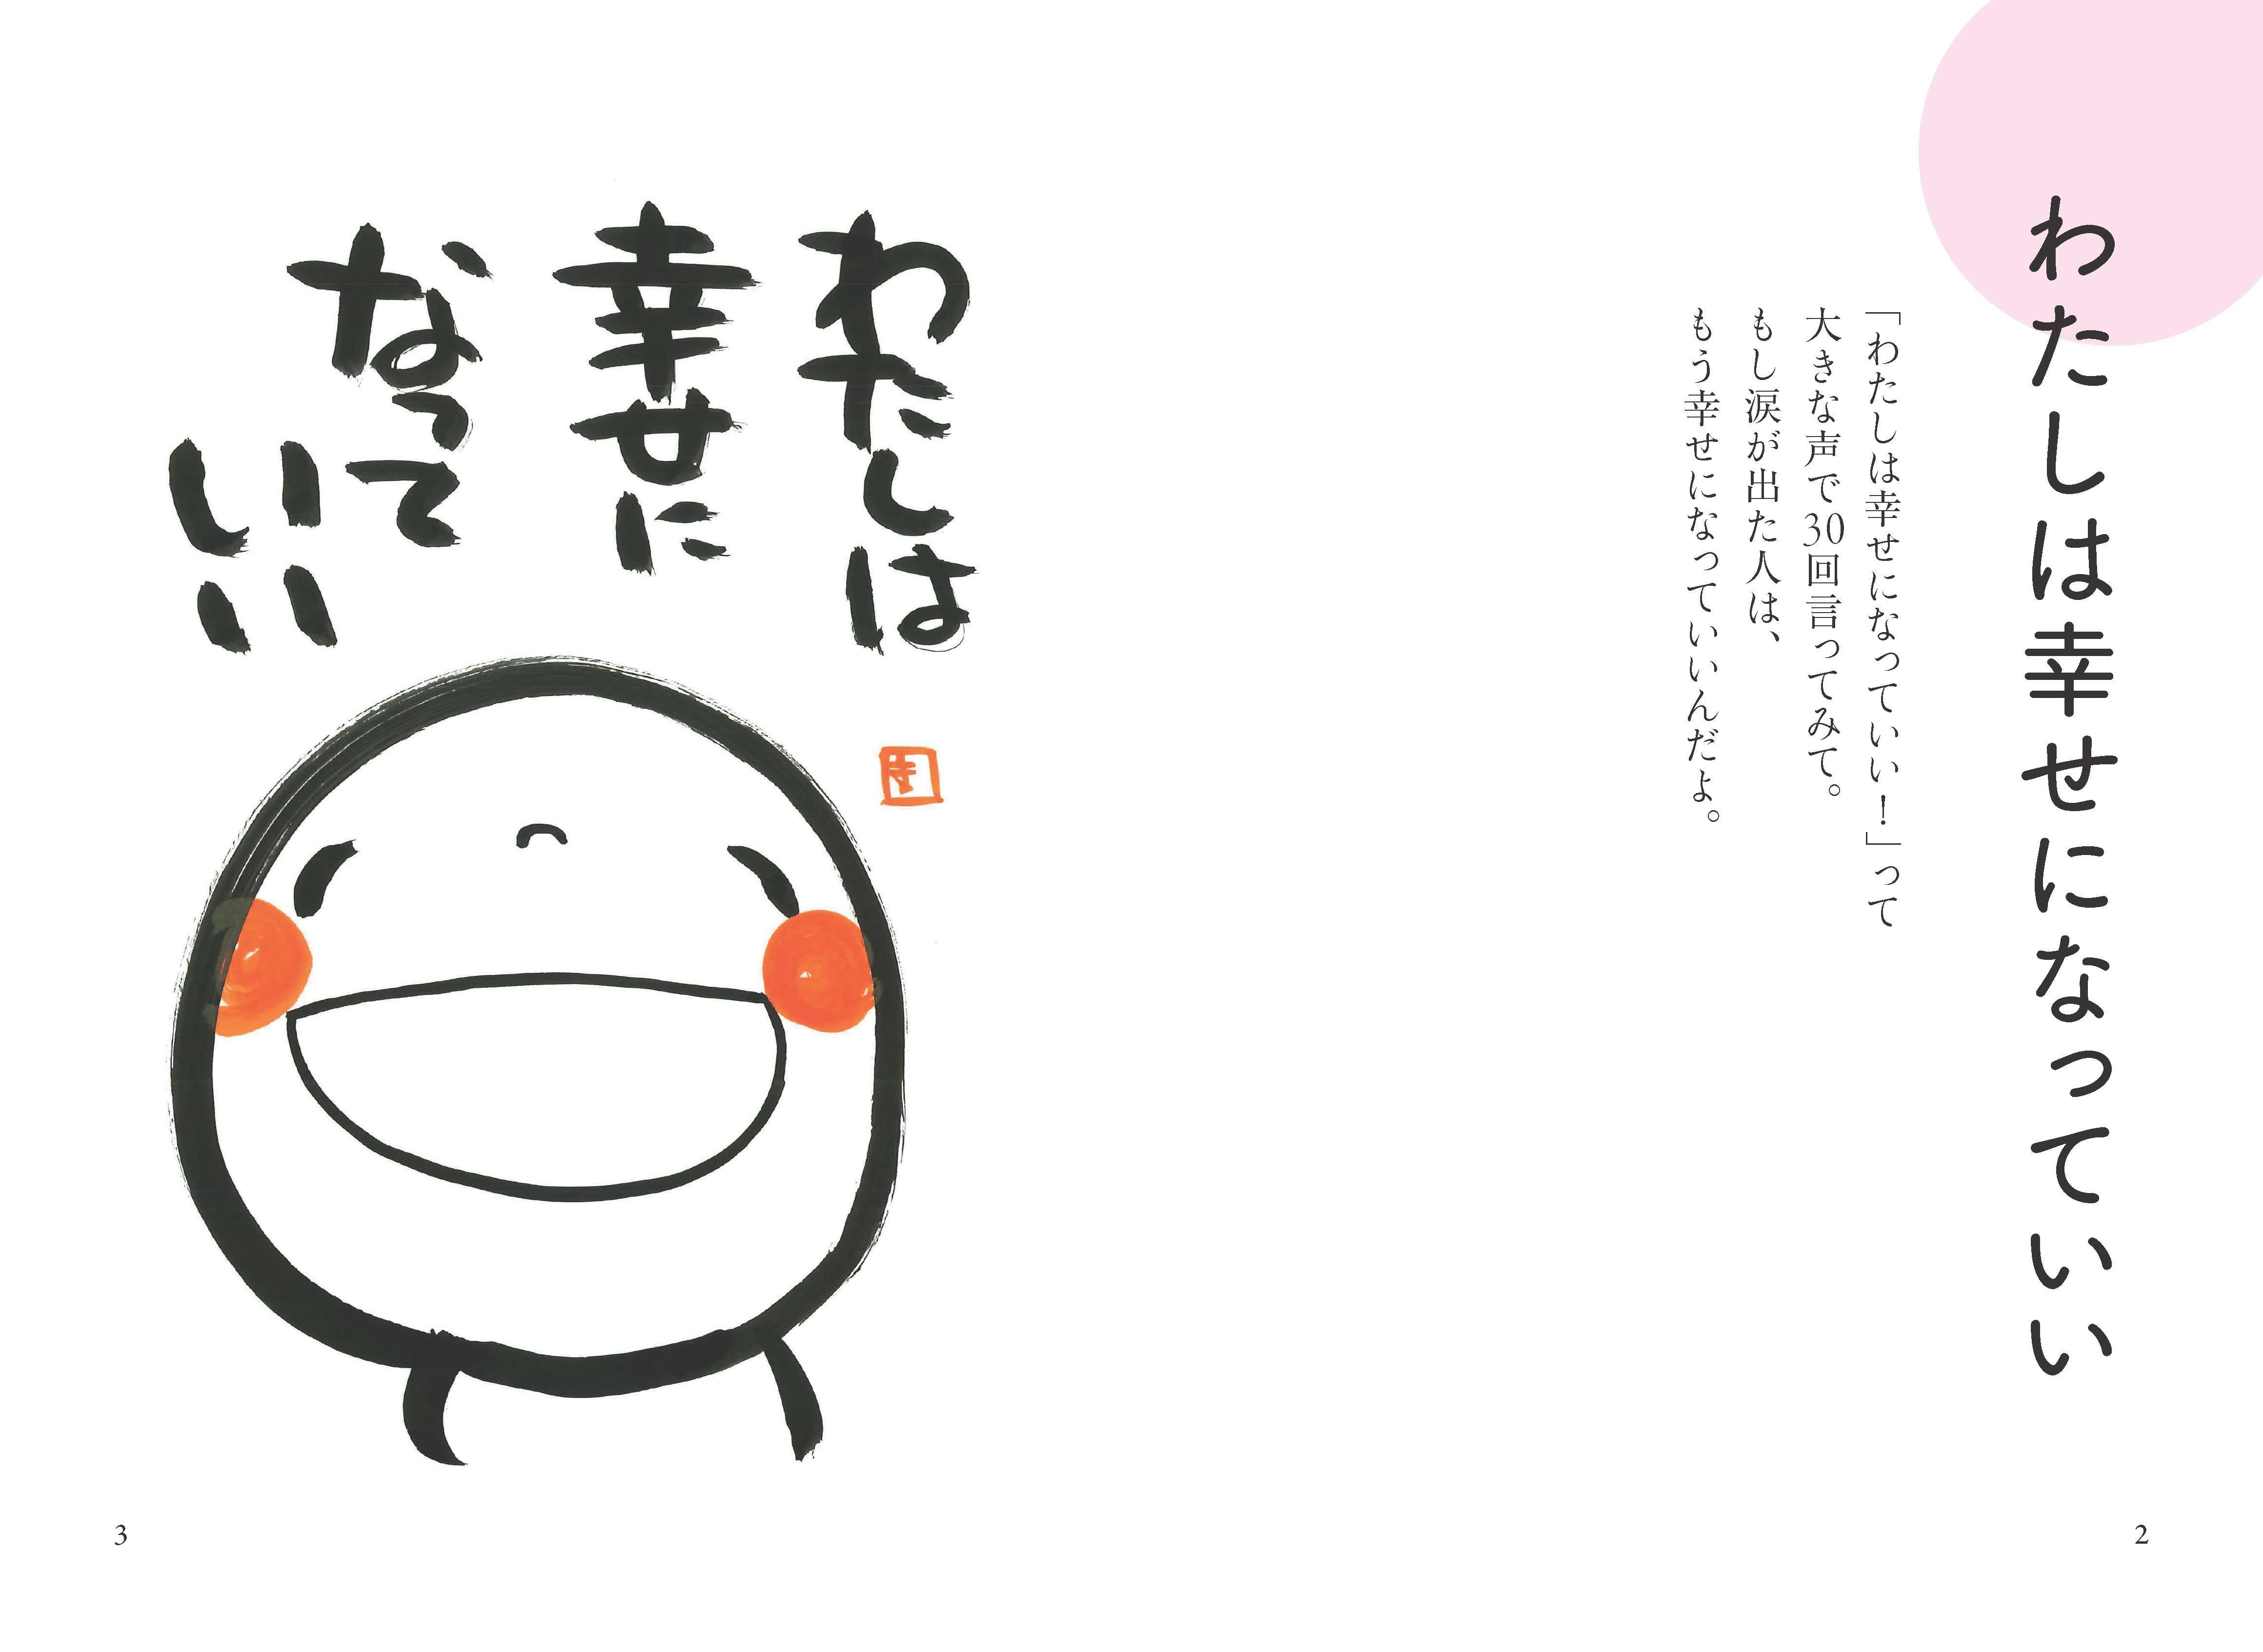 遠慮なく幸せになればいい 68の言葉と笑い文字 / 2